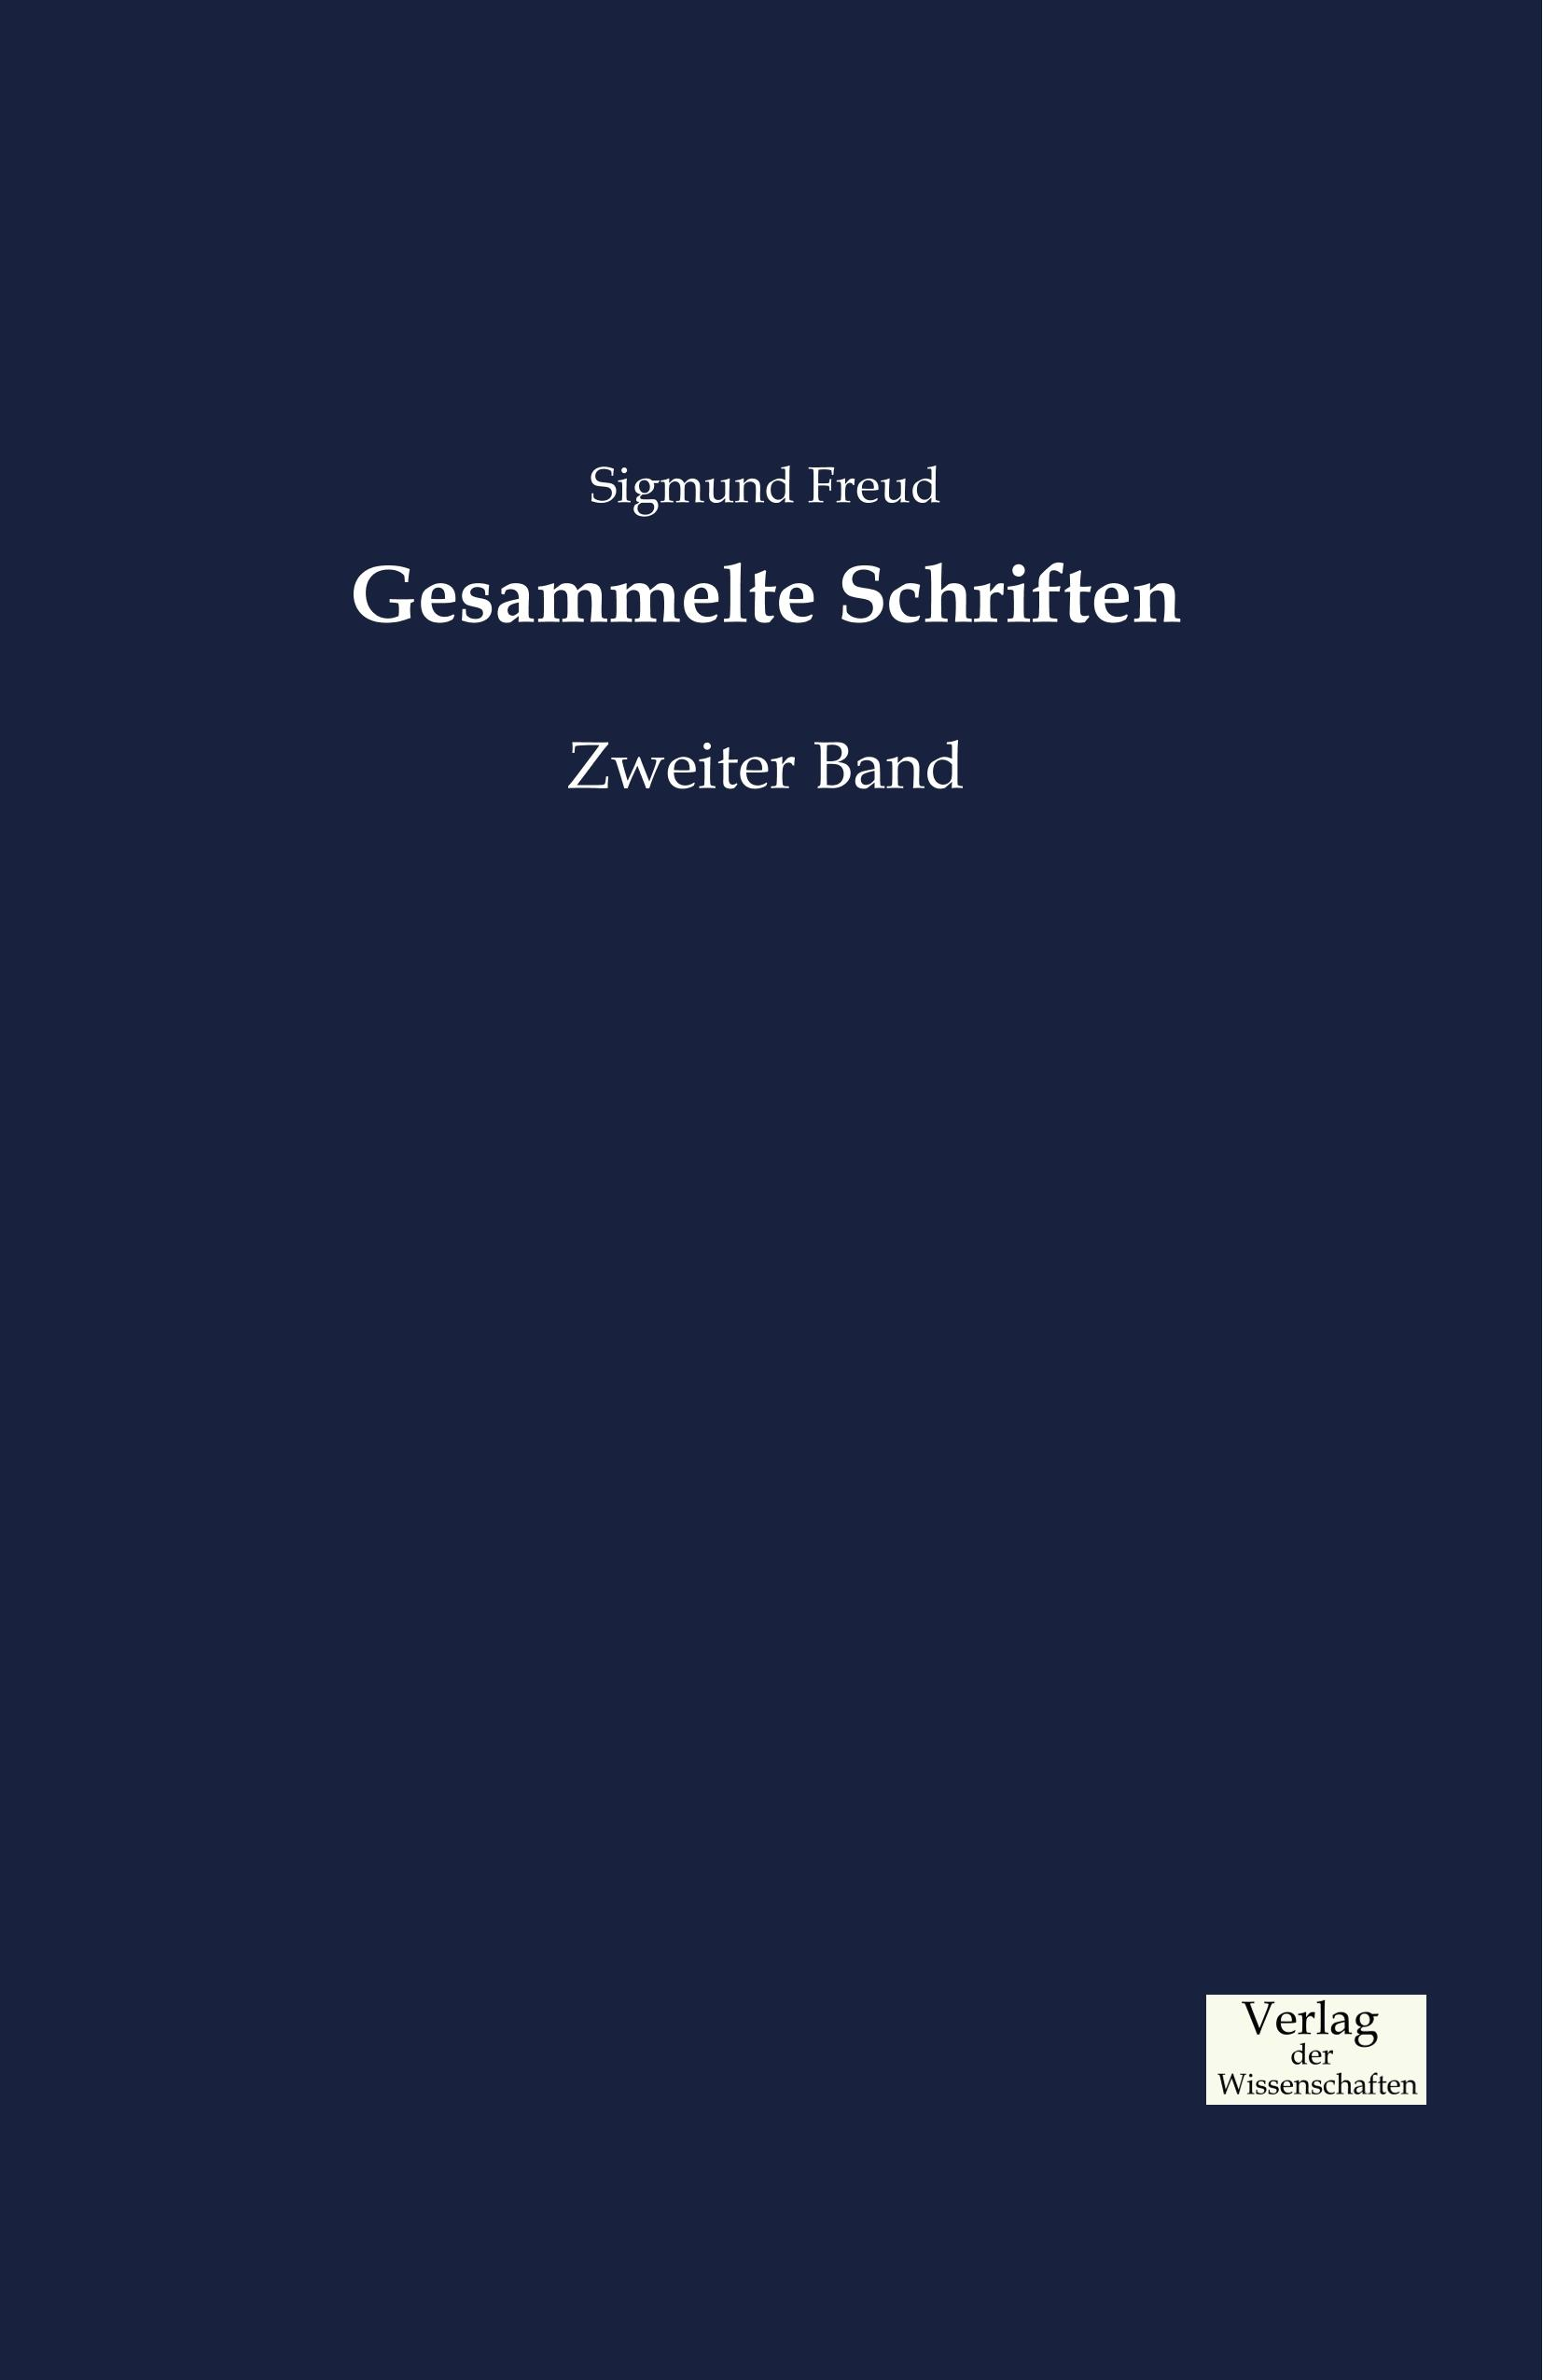 Gesammelte Schriften Sigmund Freud